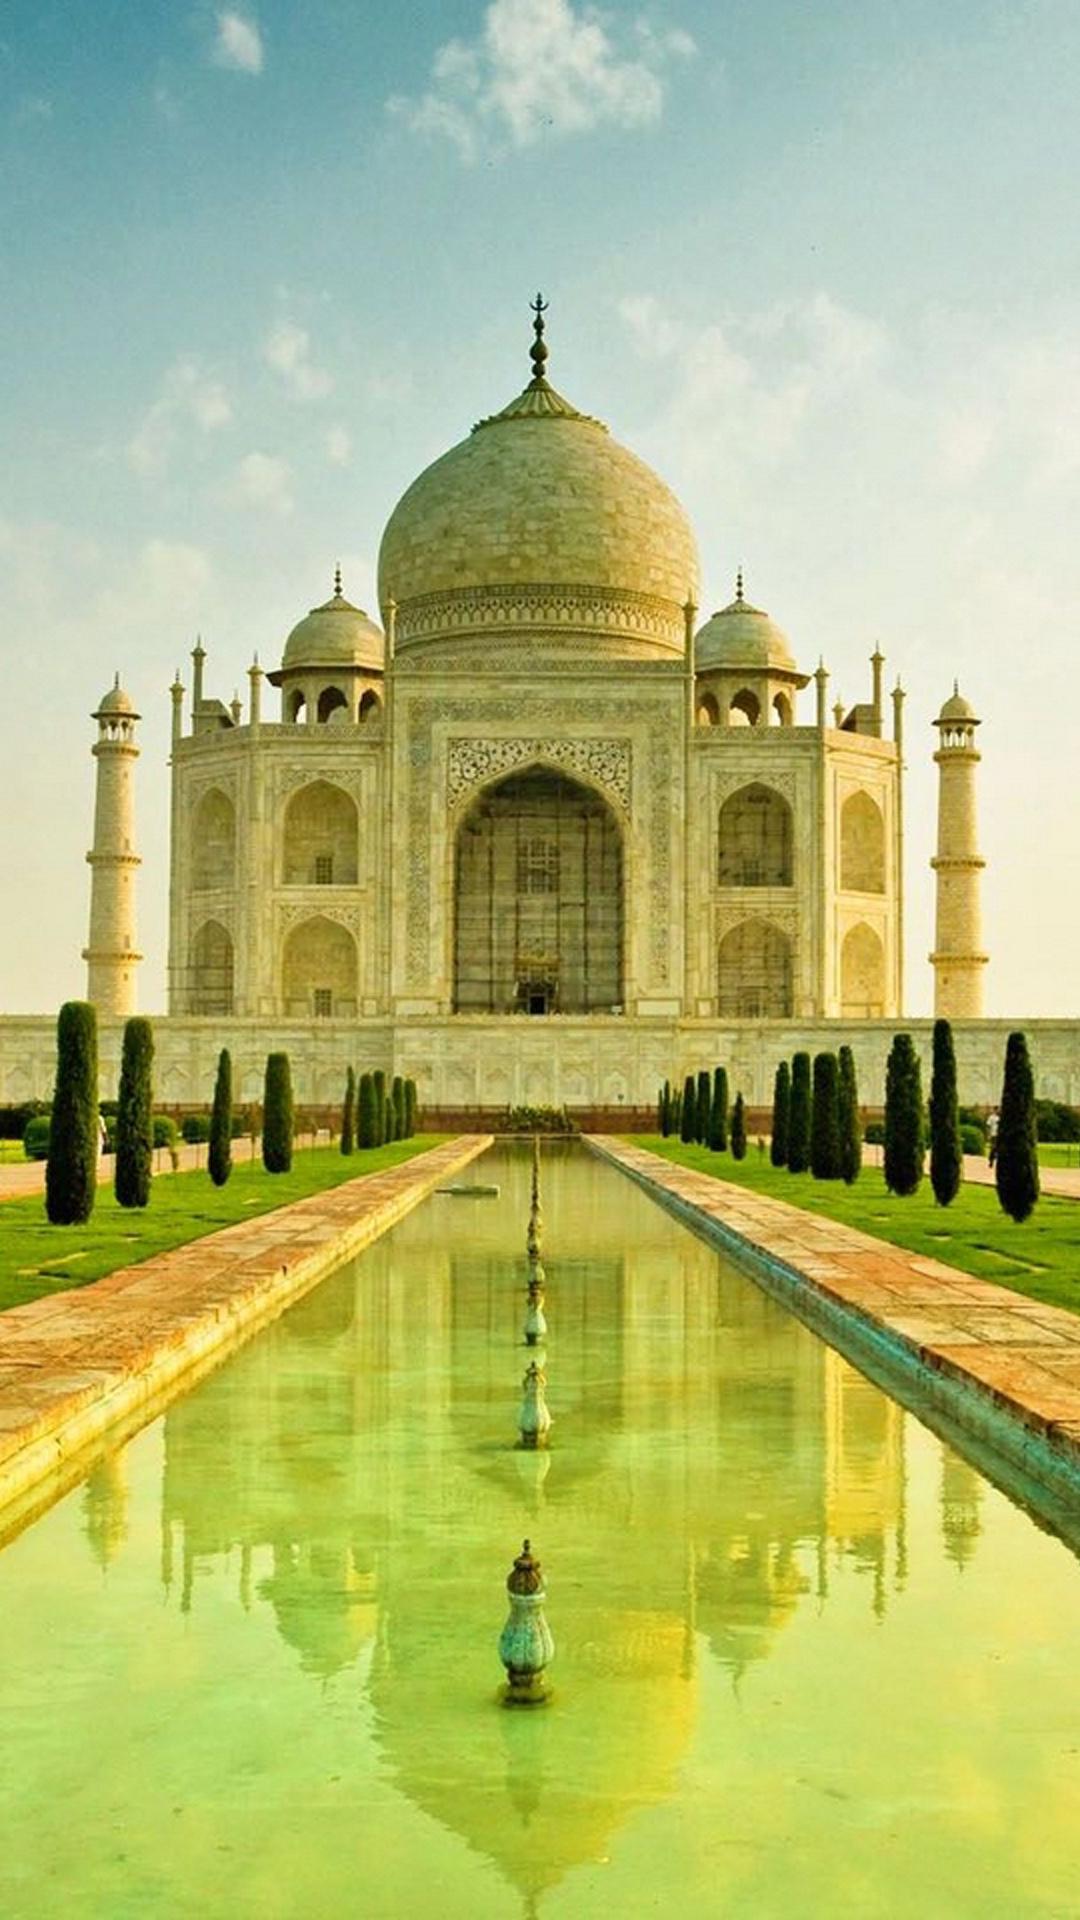 Taj Mahal Hd Wallpaper 1080p Download Taj Mahal India Best Htc One Wallpapers Free And Easy